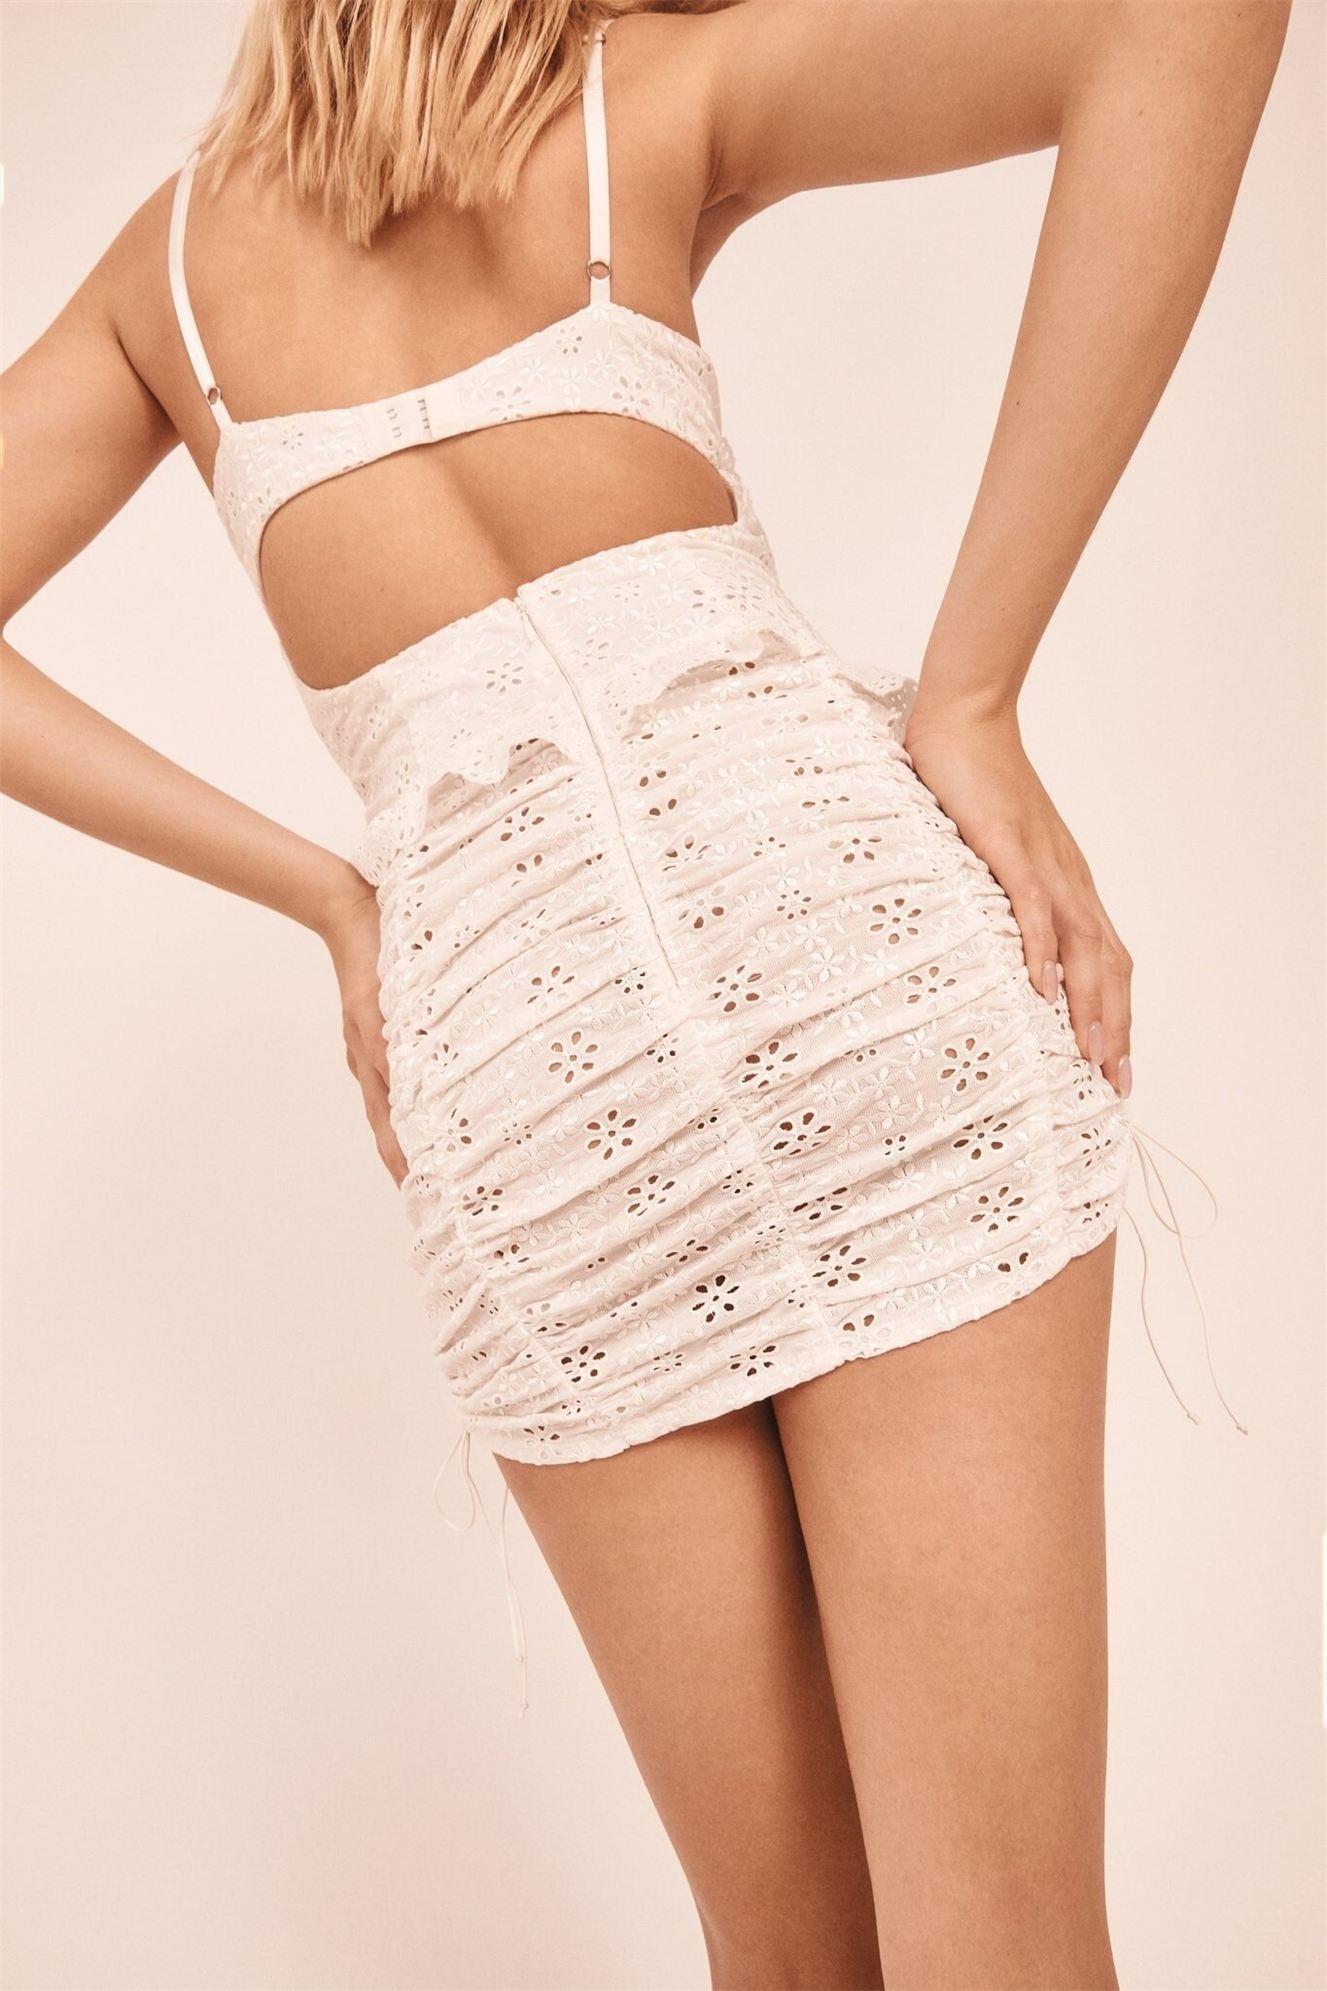 Хейли Клоусон в новой модной коллекции нижнего белья / фото 40